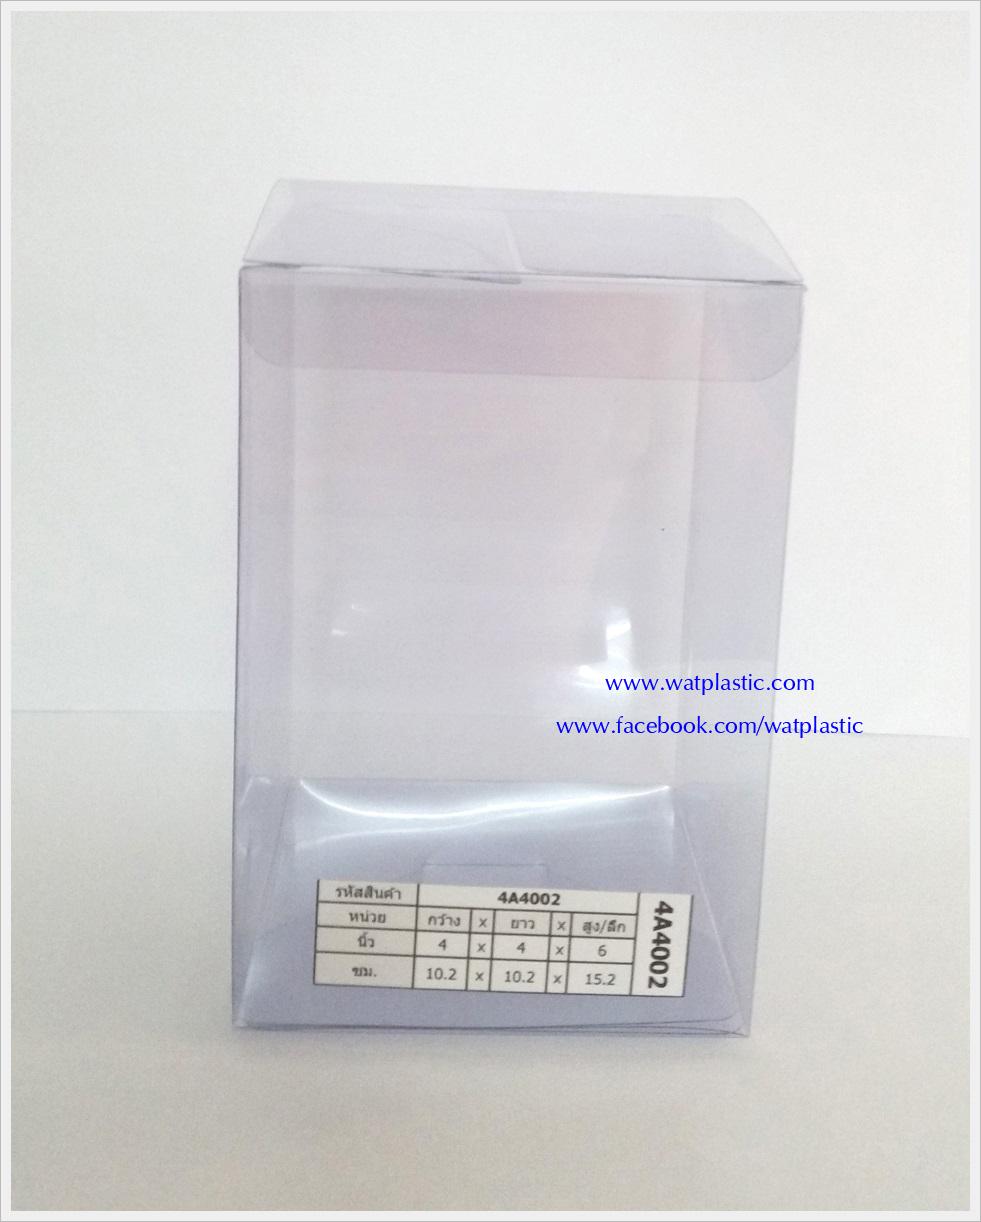 กล่องใส่แก้ว/ตุ๊กตา 10.2 x 10.2 x 15.2 cm